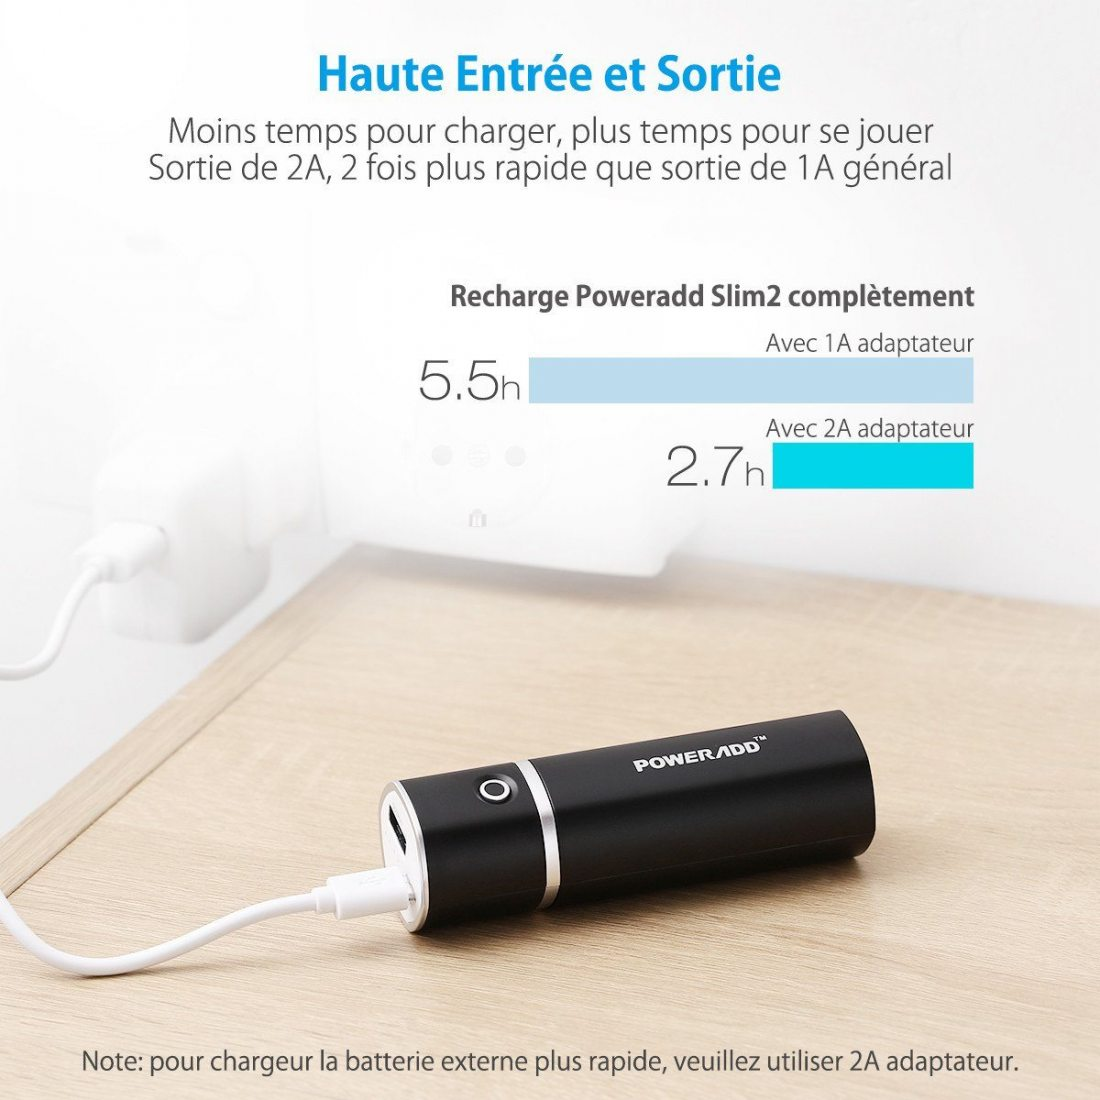 Poweradd Slim2 5000mAh Chargeur Portable Batterie de Secours Externe pour téléphone potable(Apple Adapteurs Non Inclus)et D'a